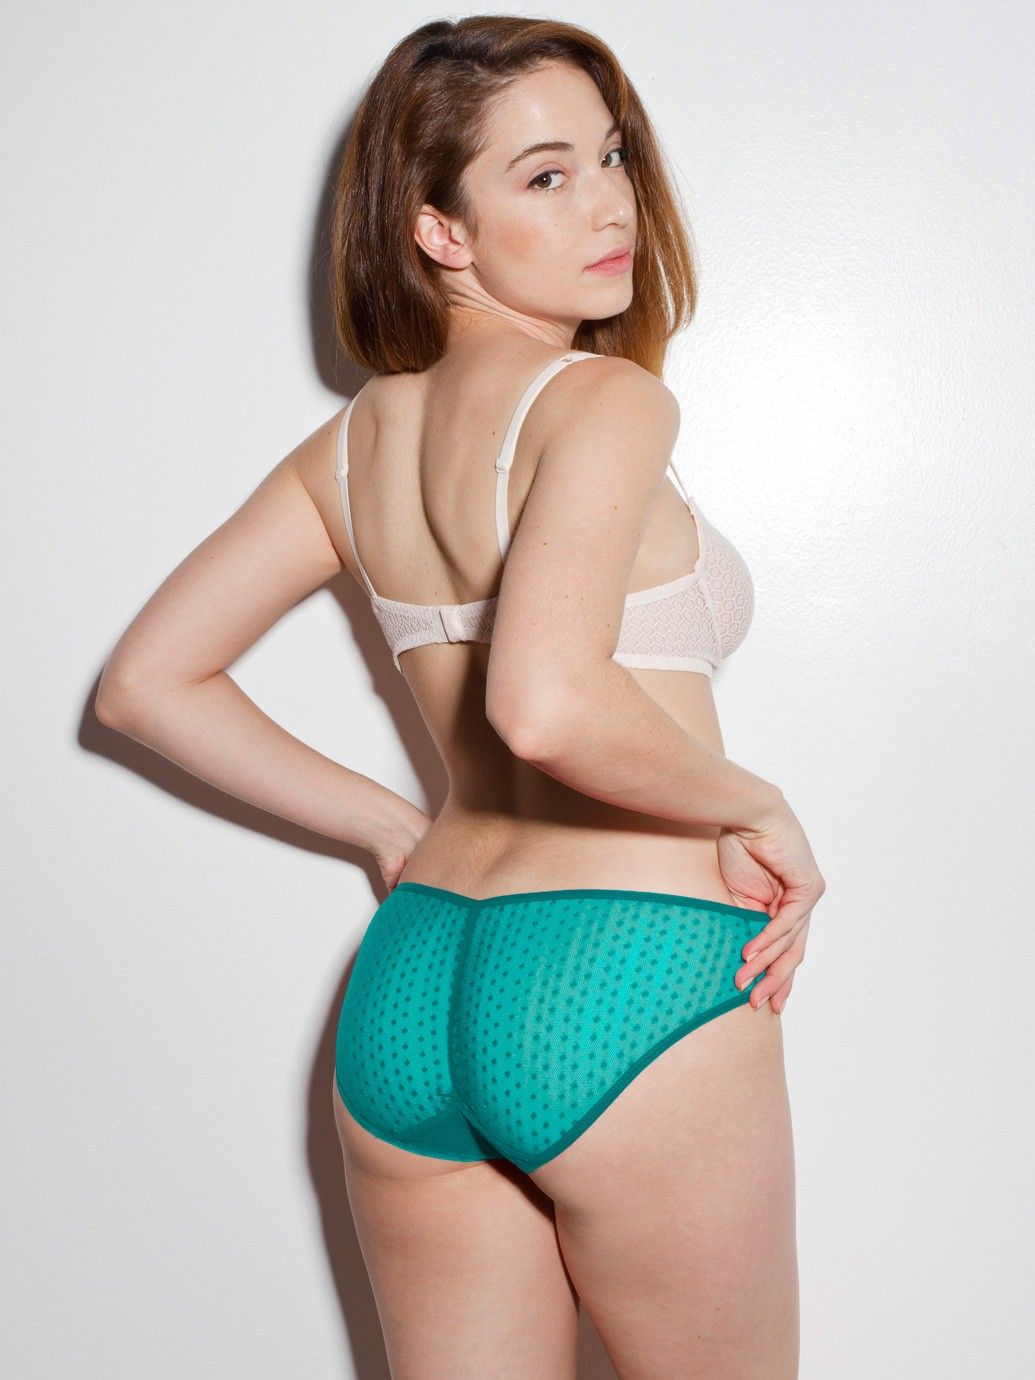 Lesbian panty ass